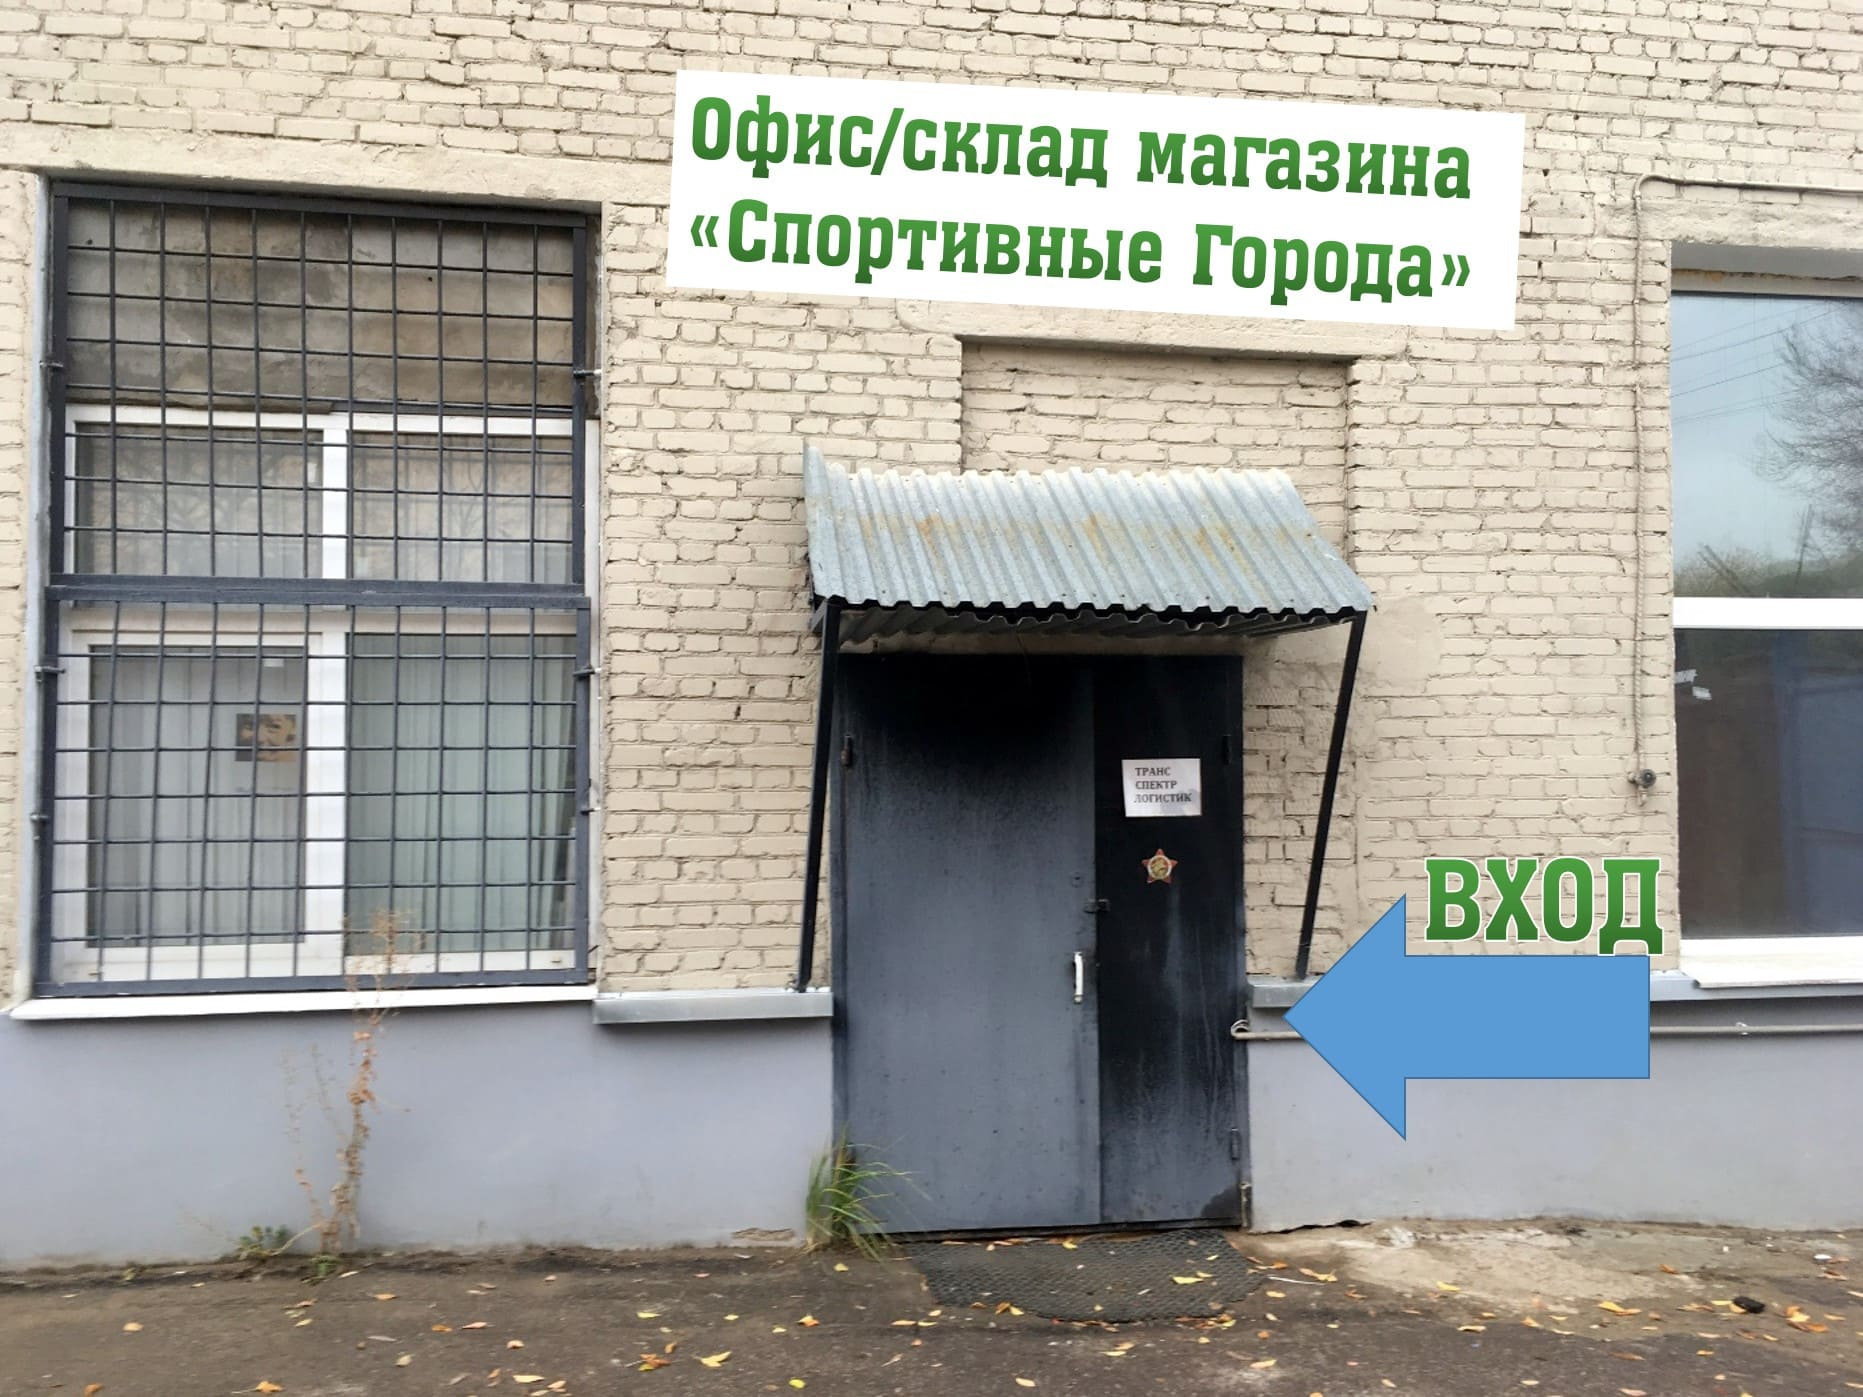 Офис склад магазина Спортивные Города фото №4